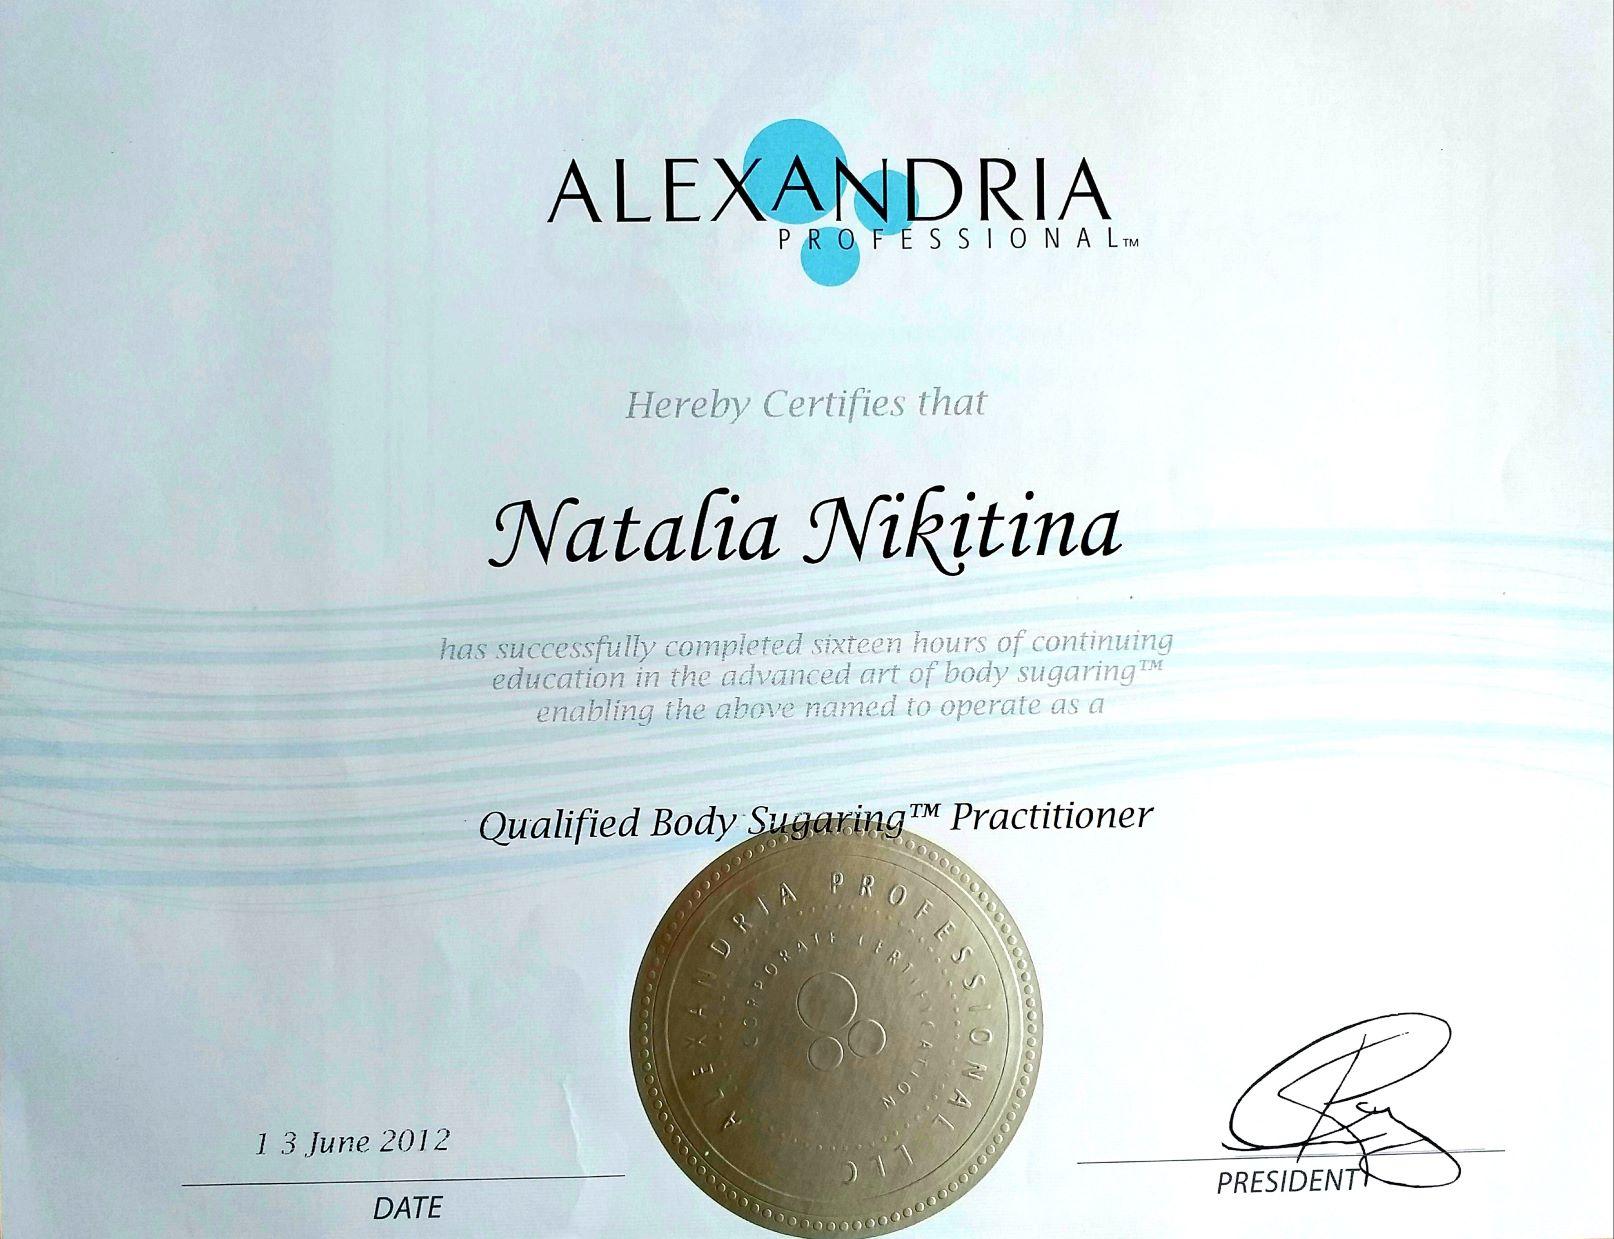 2012, ALEXANDRIA PROFESSIONAL. Успешно завершила образование в продвинутом искусстве шугаринга тела.